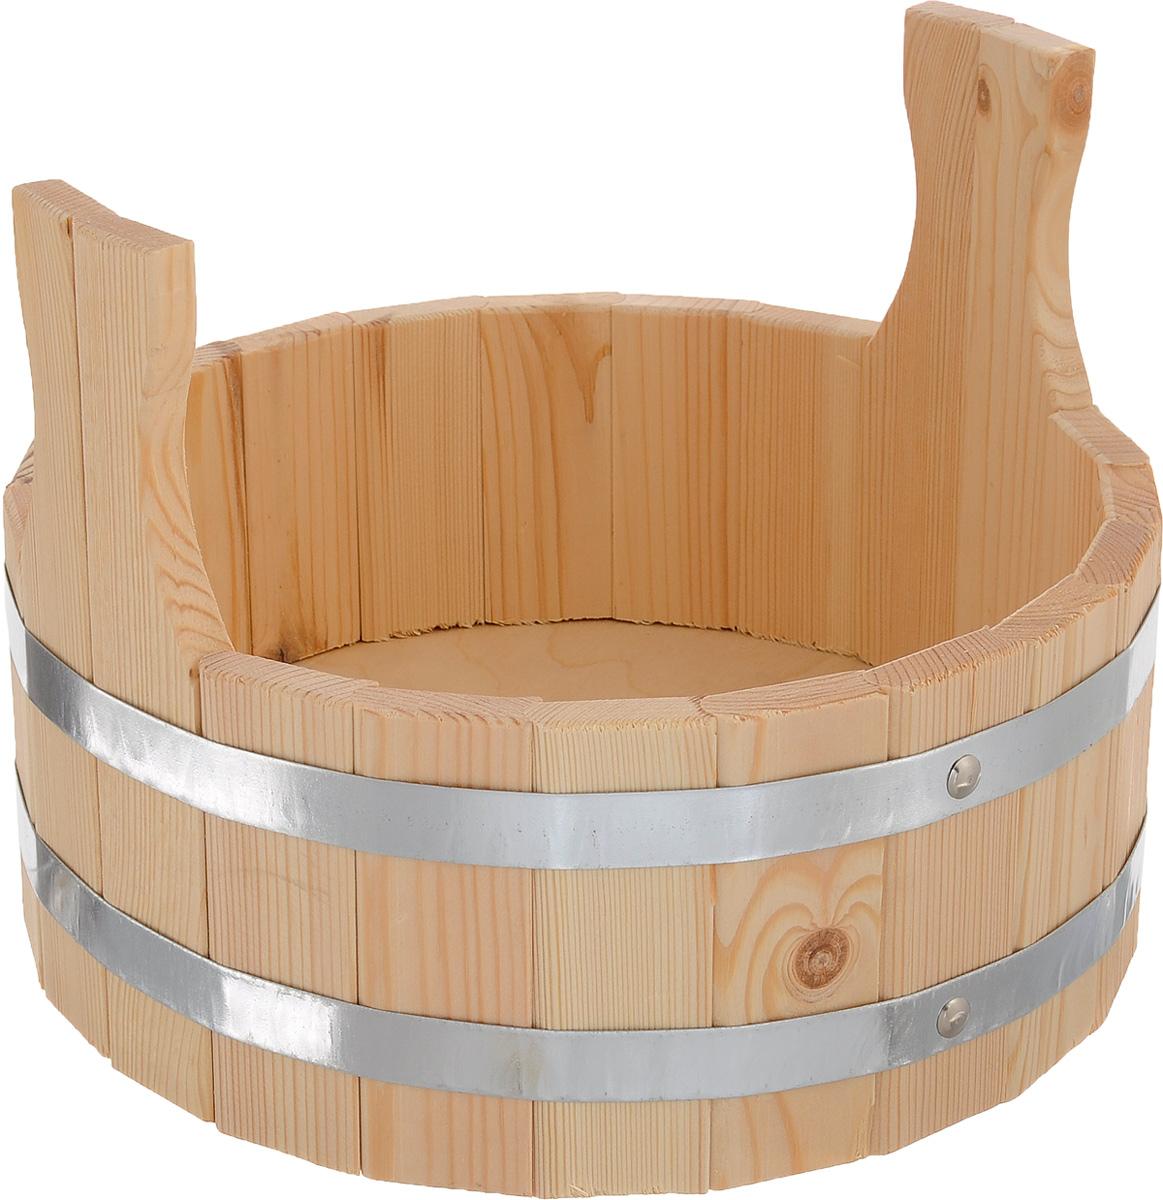 Шайка для бани и сауны Доктор баня, 5 л8314_две ручкиШайка круглой формы Доктор Баня выполнена из деревянных брусков, стянутых двумя металлическими обручами. Она прекрасно подойдет для замачивания веника или других банных процедур. Для более удобного использования шайка имеет по бокам две небольшие ручки. Шайка является одной из тех приятных мелочей, без которых не обойтись при принятии банных процедур. Аксессуары для бани и сауны - это те приятные мелочи, которые приносят радость и создают комфорт. Баня - место, где одинаково хорошо и в компании, и в одиночестве. Перекресток, казалось бы, разных направлений - общение и здоровье. Приятное и полезное. И всегда в позитиве. Объем шайки: 5 л. Диаметр шайки по верхнему краю: 31 см. Высота шайки (без учета ручек): 15 см.